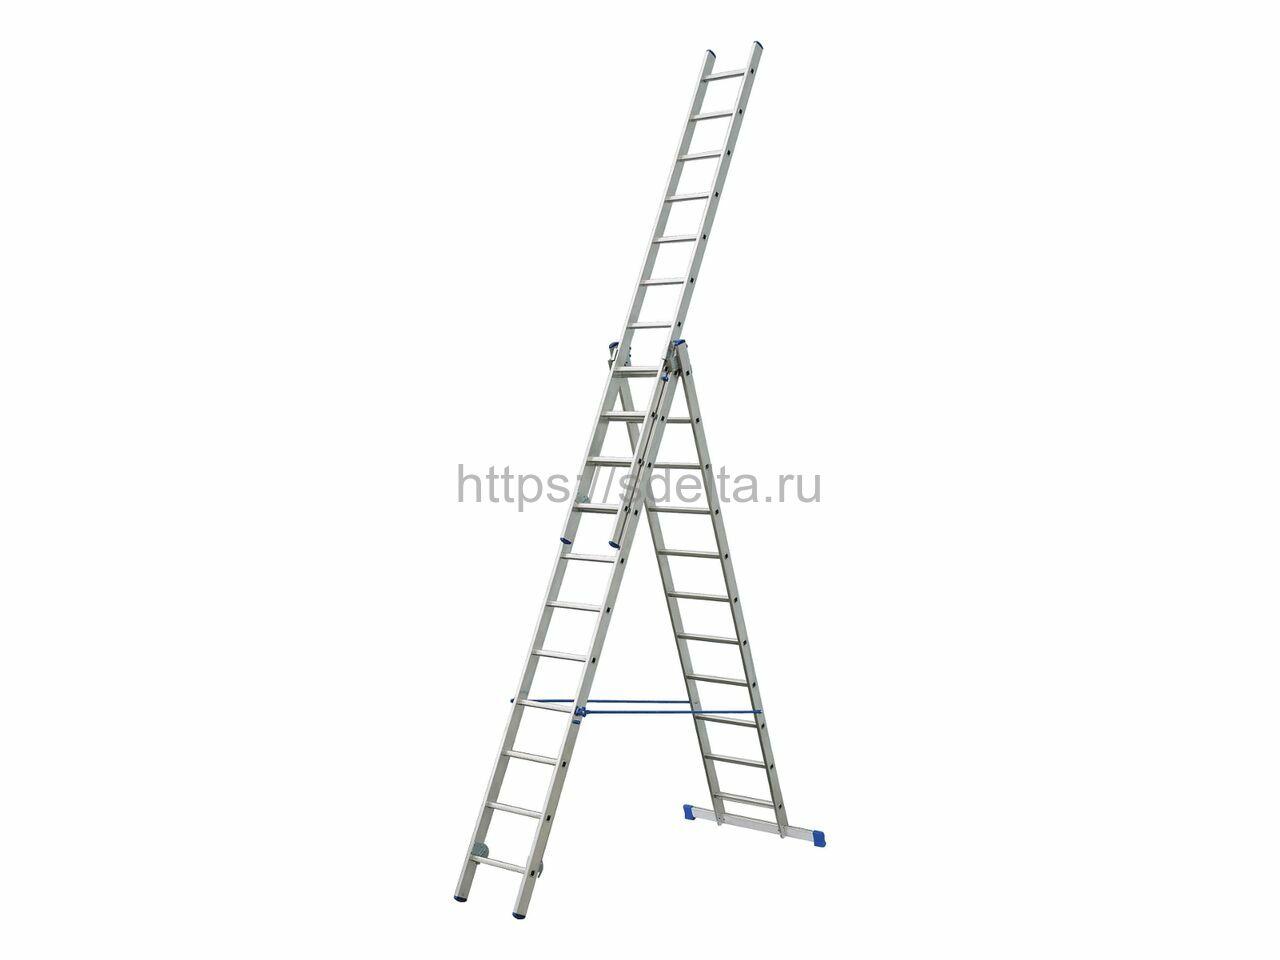 Трехсекционная алюминиевая лестница-стремянка ELKOP VHR 3x12 PK